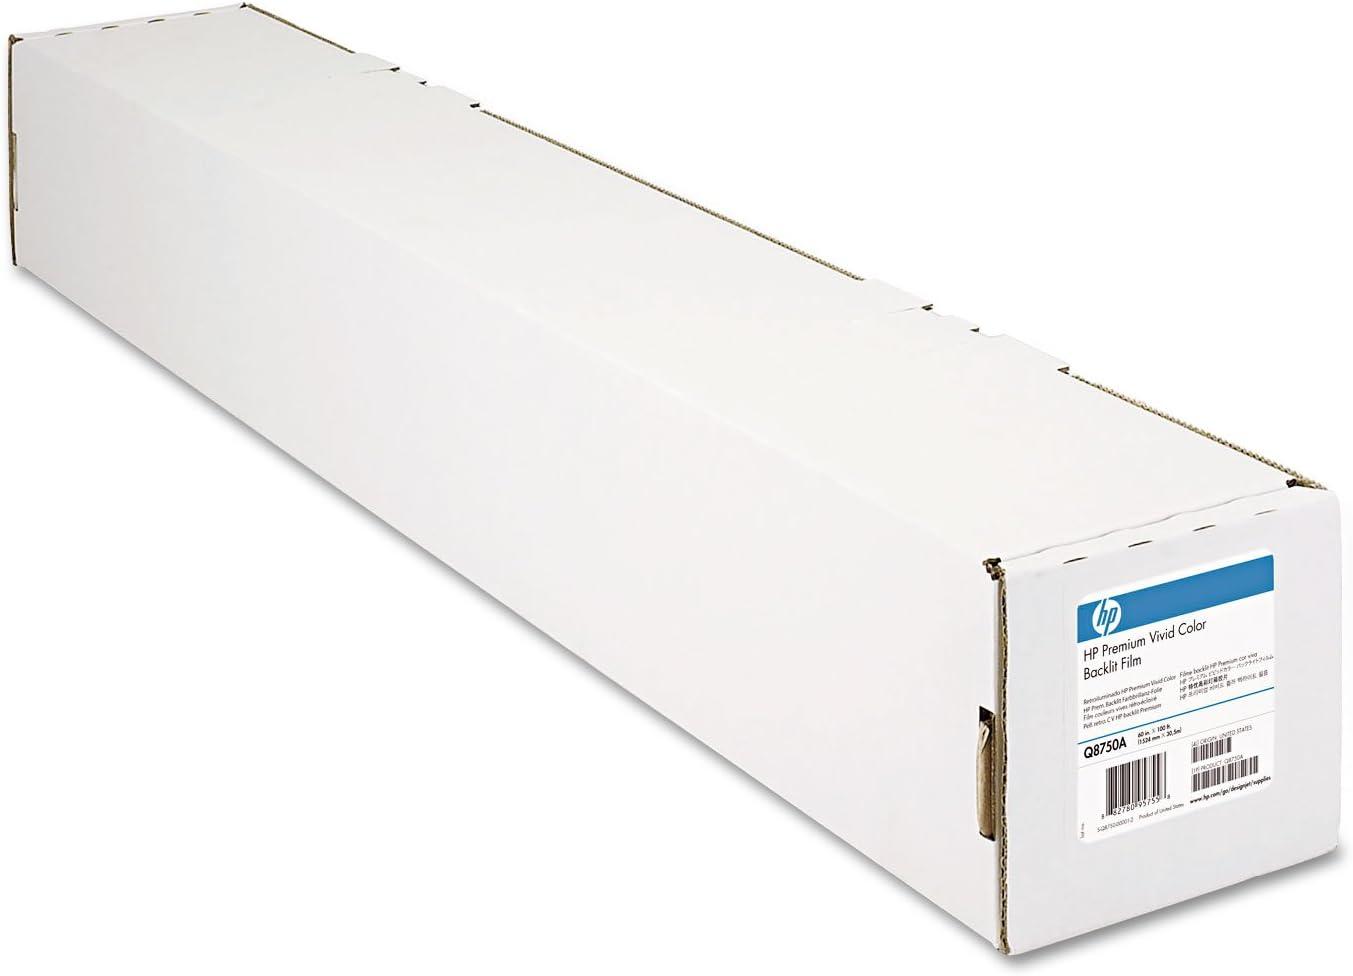 HP Premium Vivid Colour Backlit Film rollo 152,4 cm: Amazon.es: Oficina y papelería